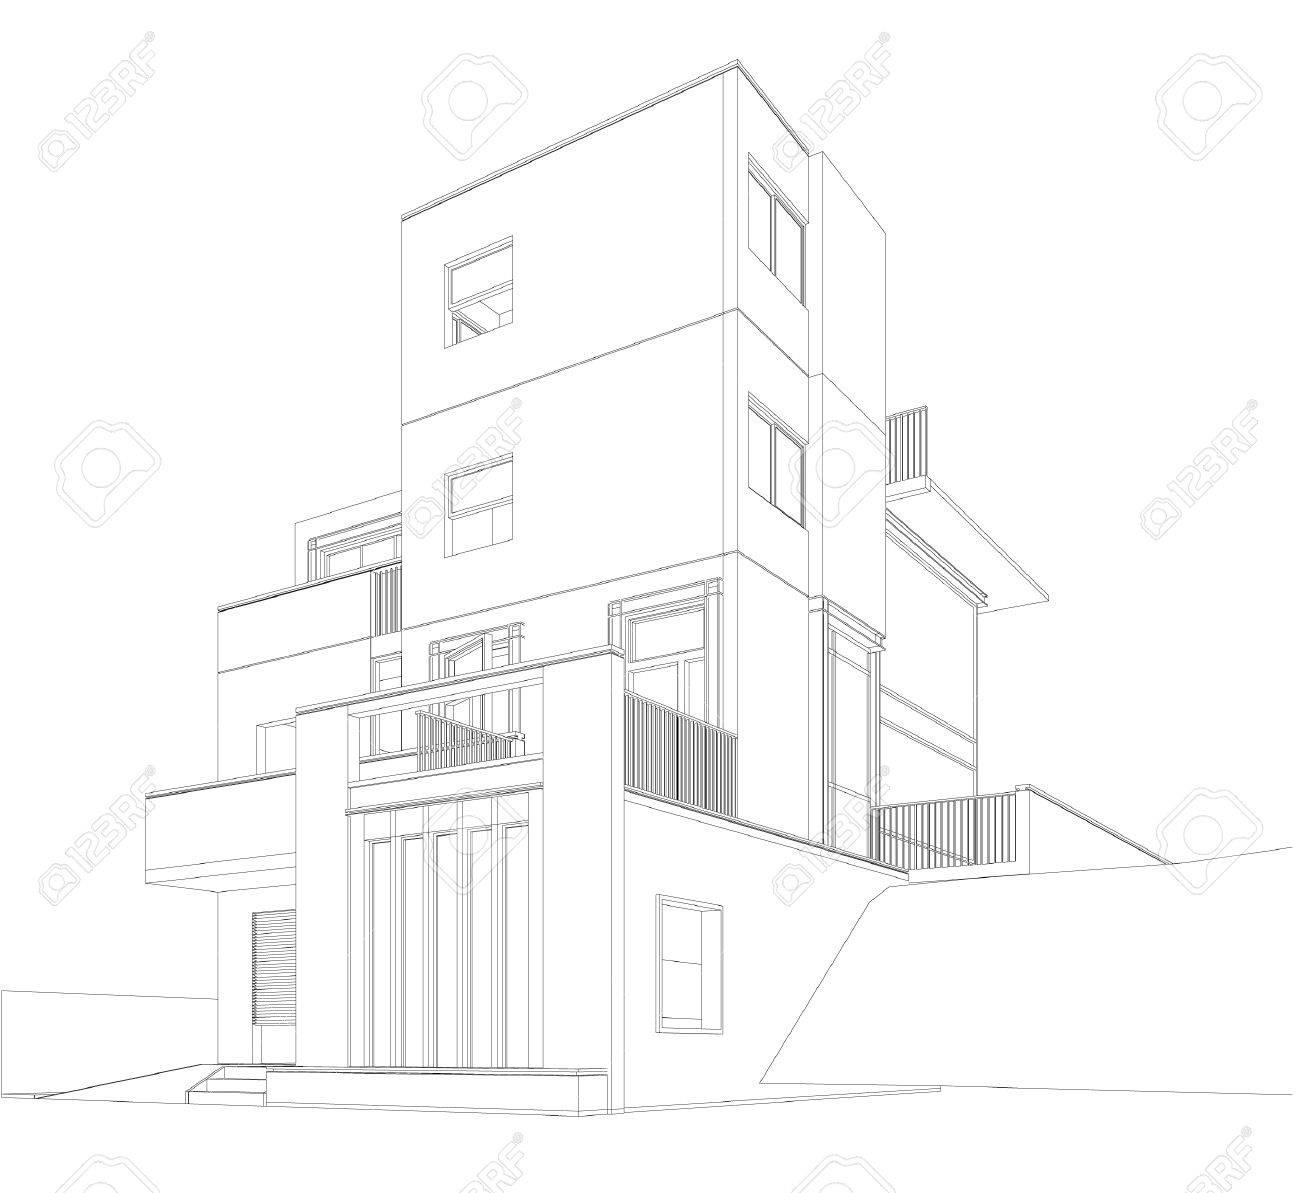 Tolle Gebäude Elektrischen Draht Fotos - Elektrische Schaltplan ...